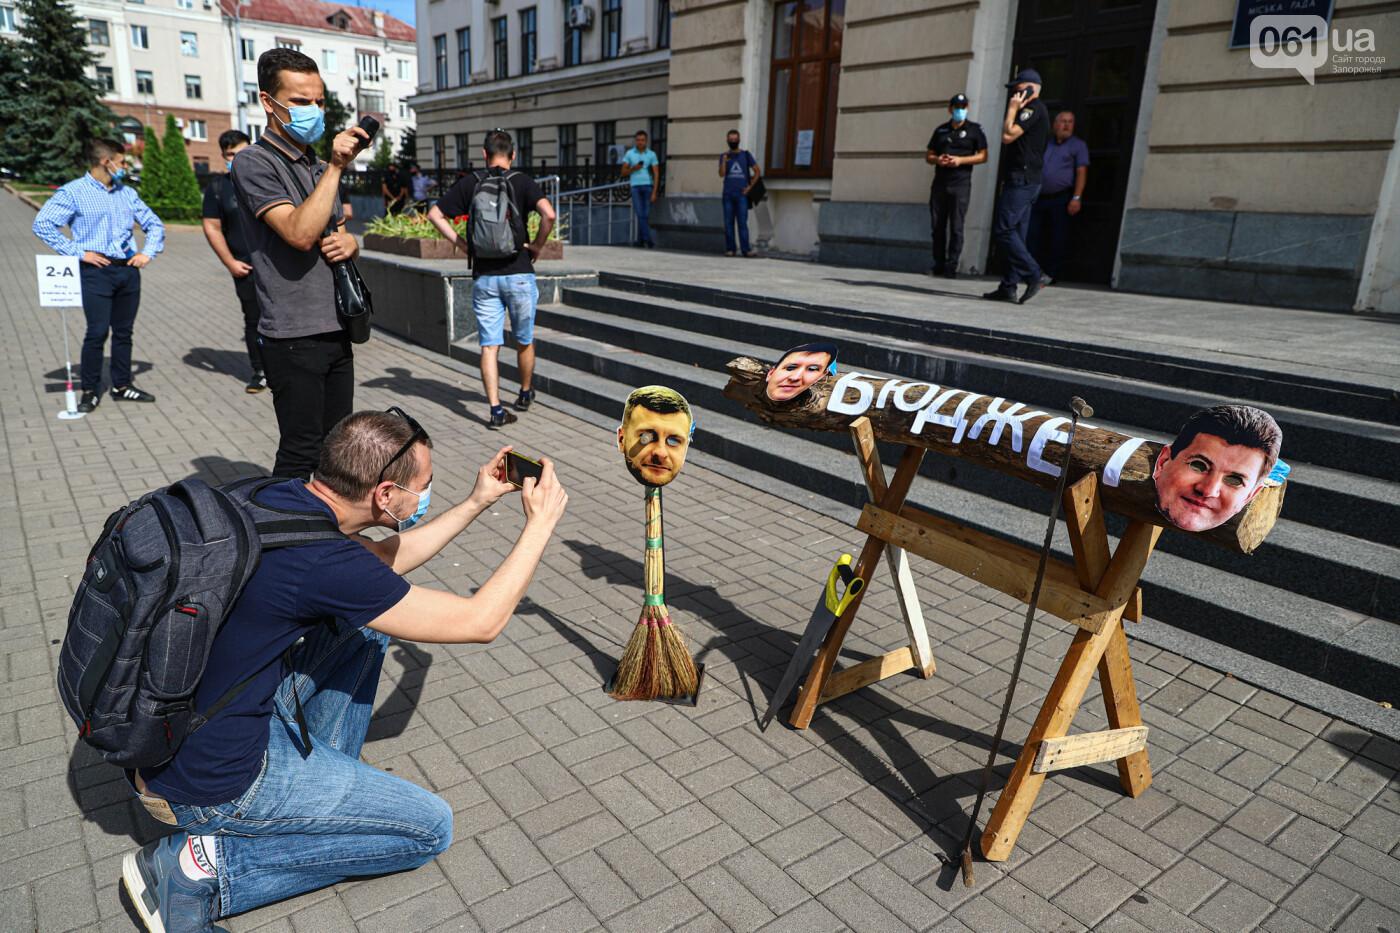 С пилами и в масках: в Запорожье возле мэрии активисты показали, как распиливают городской бюджет, - ФОТОРЕПОРТАЖ, фото-3